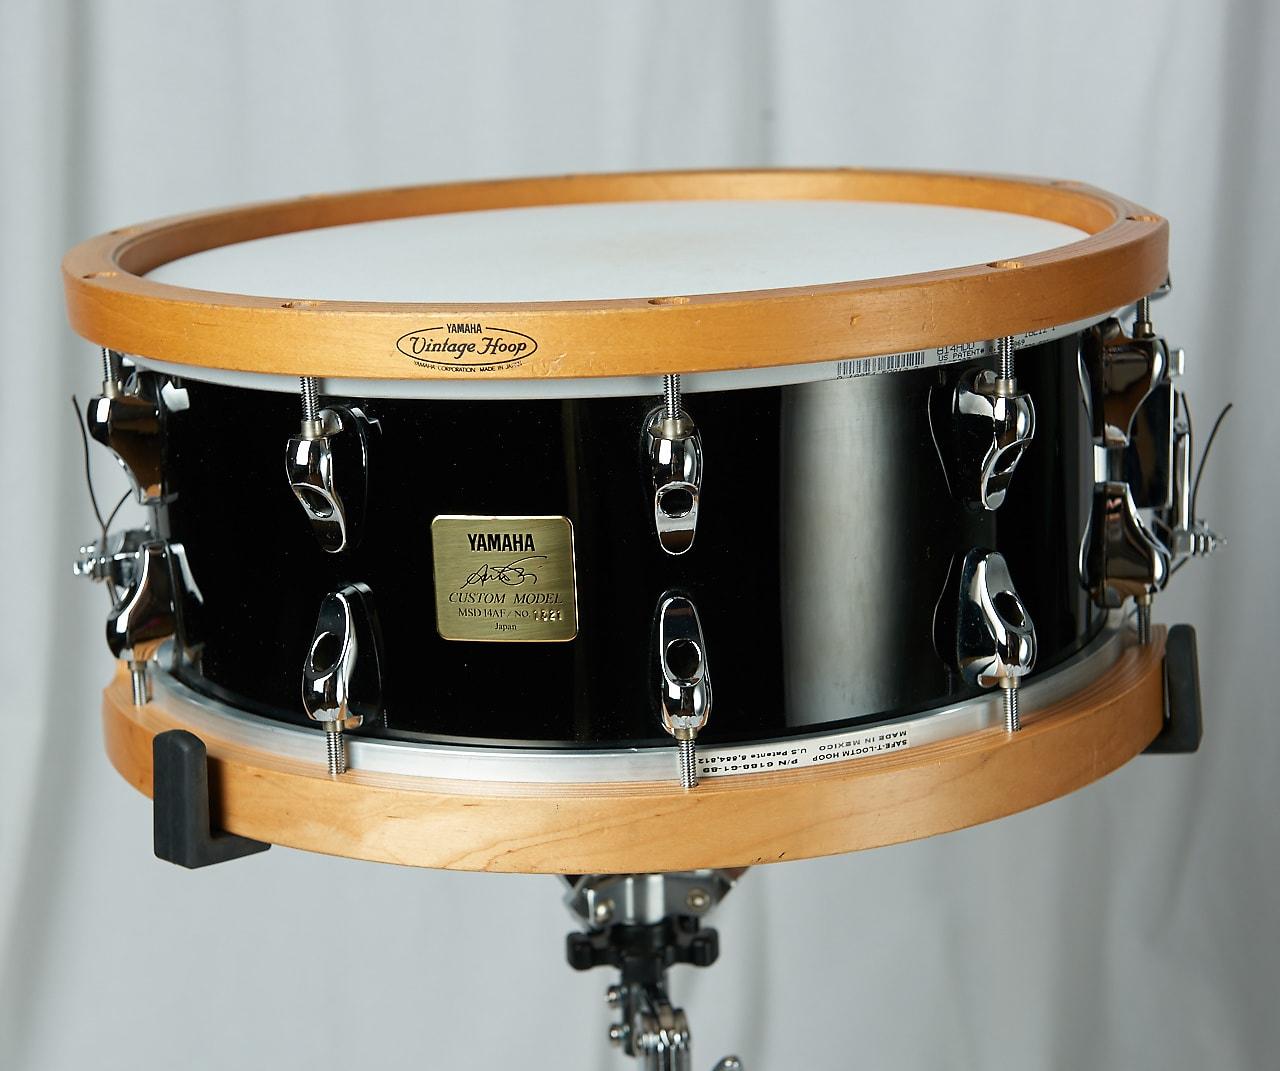 yamaha msd14af anton fig signature 14x6 maple snare reverb. Black Bedroom Furniture Sets. Home Design Ideas